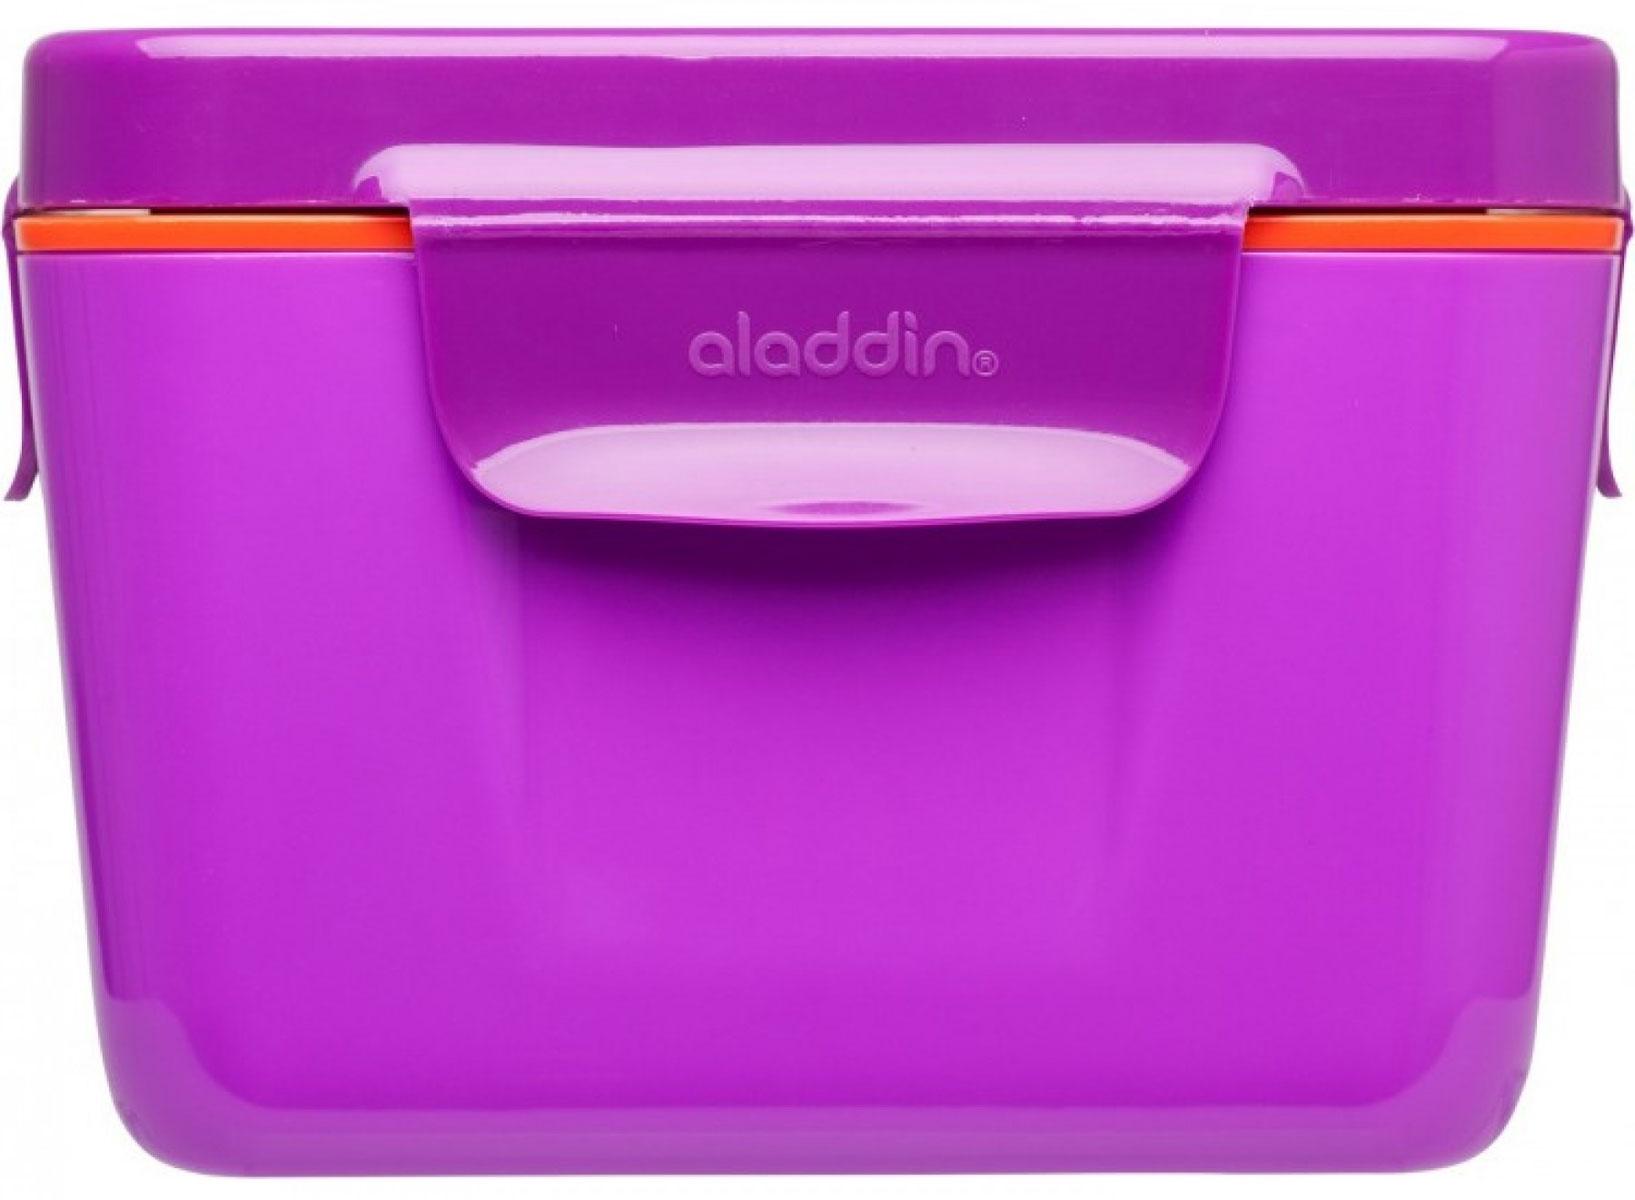 Ланч-бокс Aladdin Bento, цвет: фиолетовый, 0,71 л10-02121-004Удобный и надежный ланч-бокс Aladdin Bento для людей, которые поддерживают активный образ жизни, увлекаются спортом, соблюдают здоровое питание или просто любят наслаждаться блюдами собственного приготовления не только дома. Ланч-бокс оснащен крышкой с защелками и сохраняет содержимое горячим не менее 3 часов. Основными преимуществами является компактность и вместительность изделия, безопасный для здоровья материал и современный, функциональный дизайн.